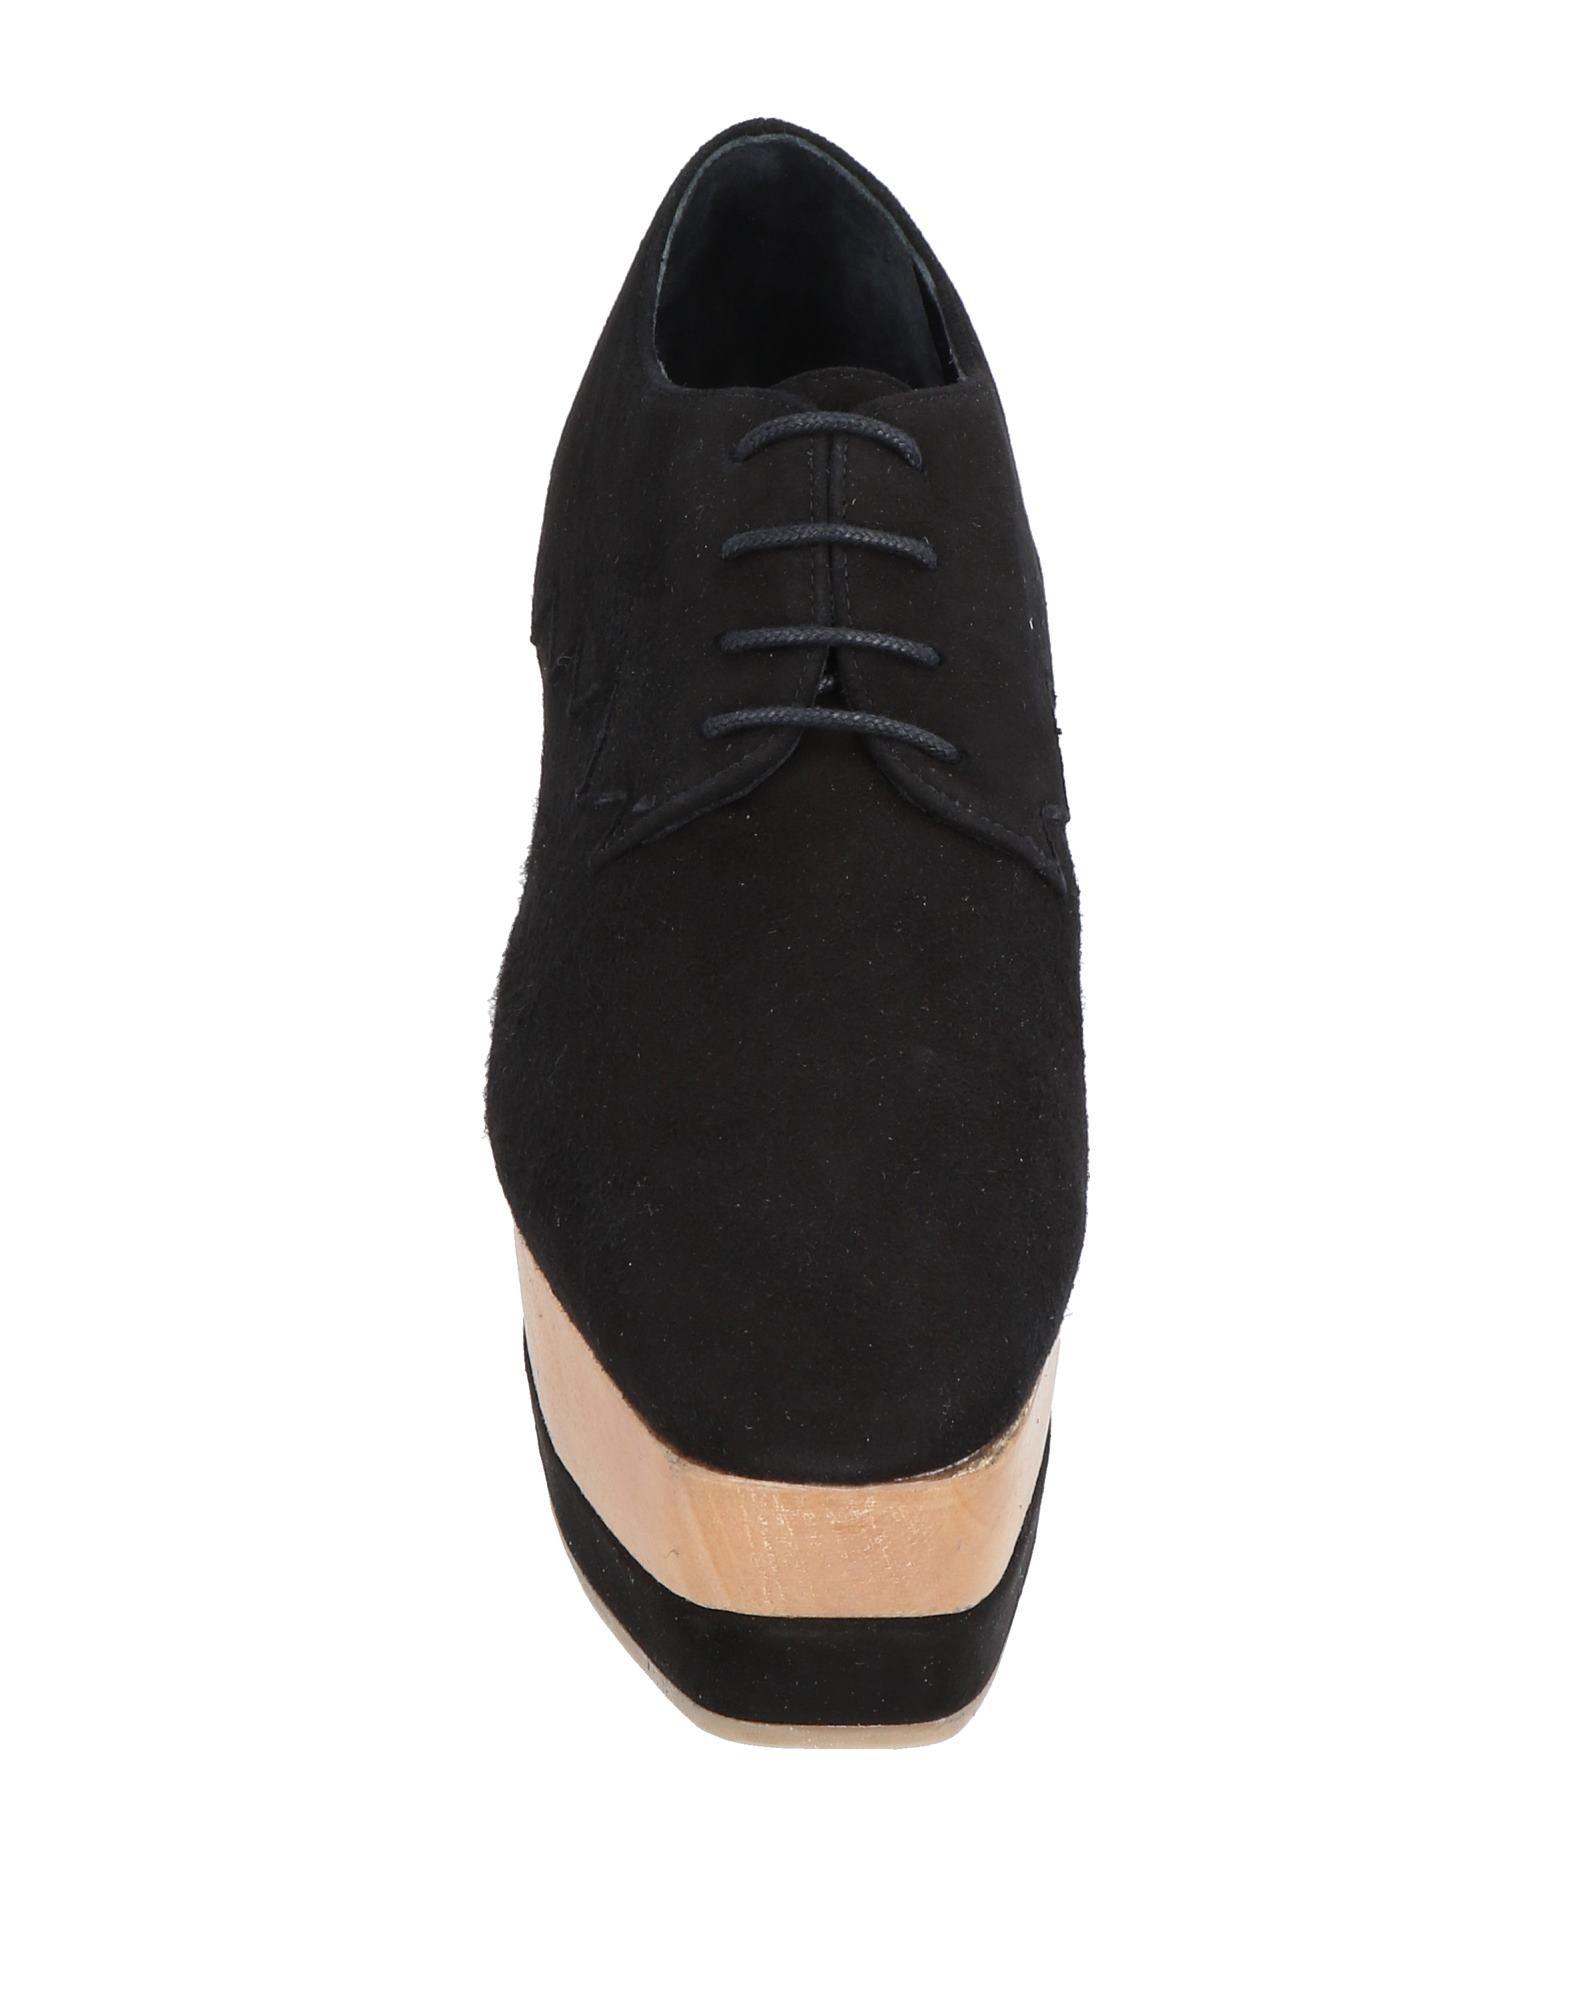 Gut um billige Schuhe zu  tragenPaloma Barceló Schnürschuhe Damen  zu 11031757HN 7b0fa4